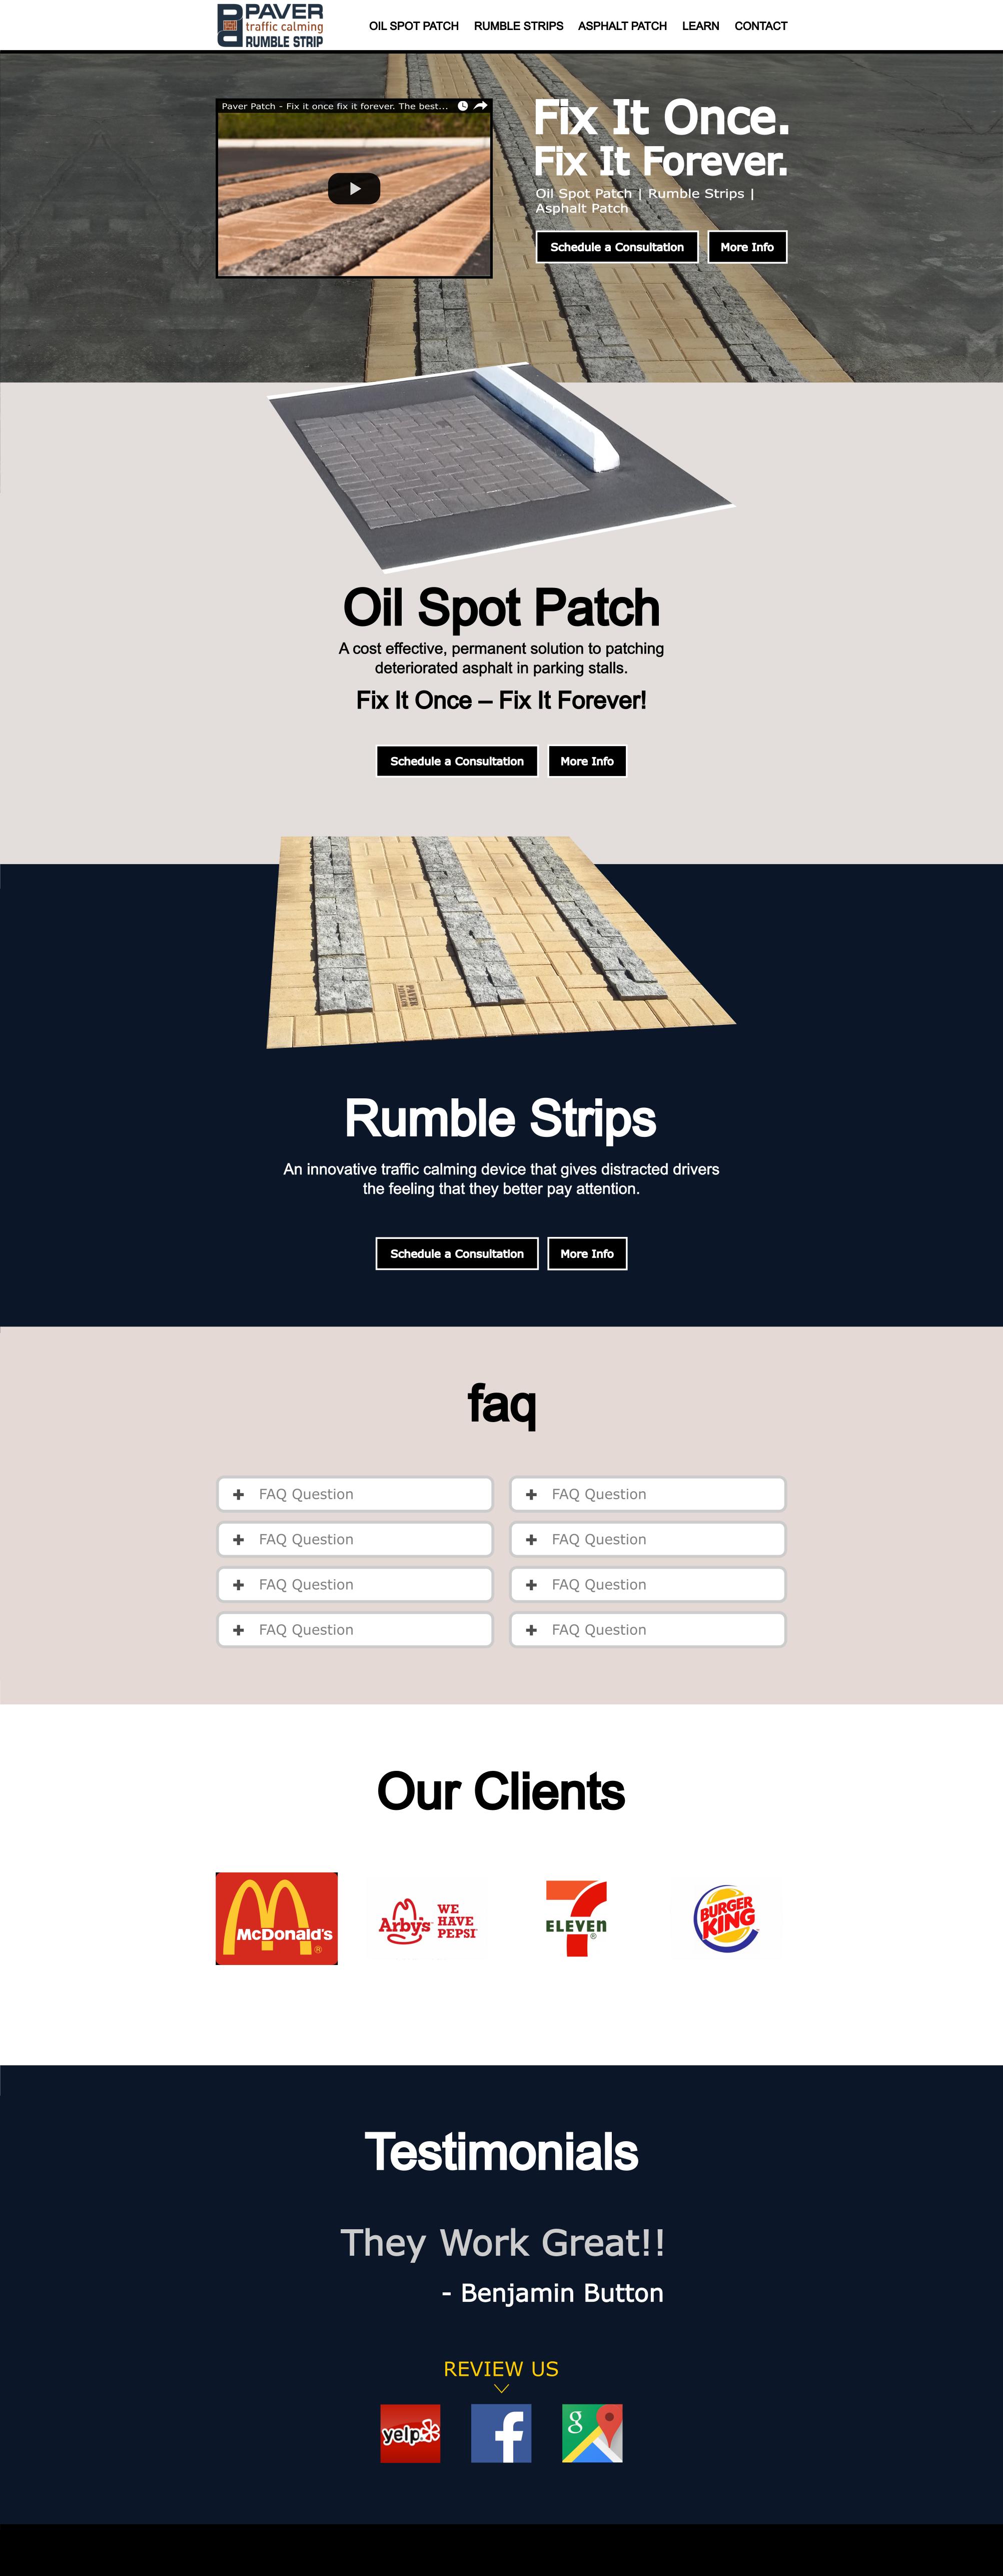 Paver Patch Website Design Mockup